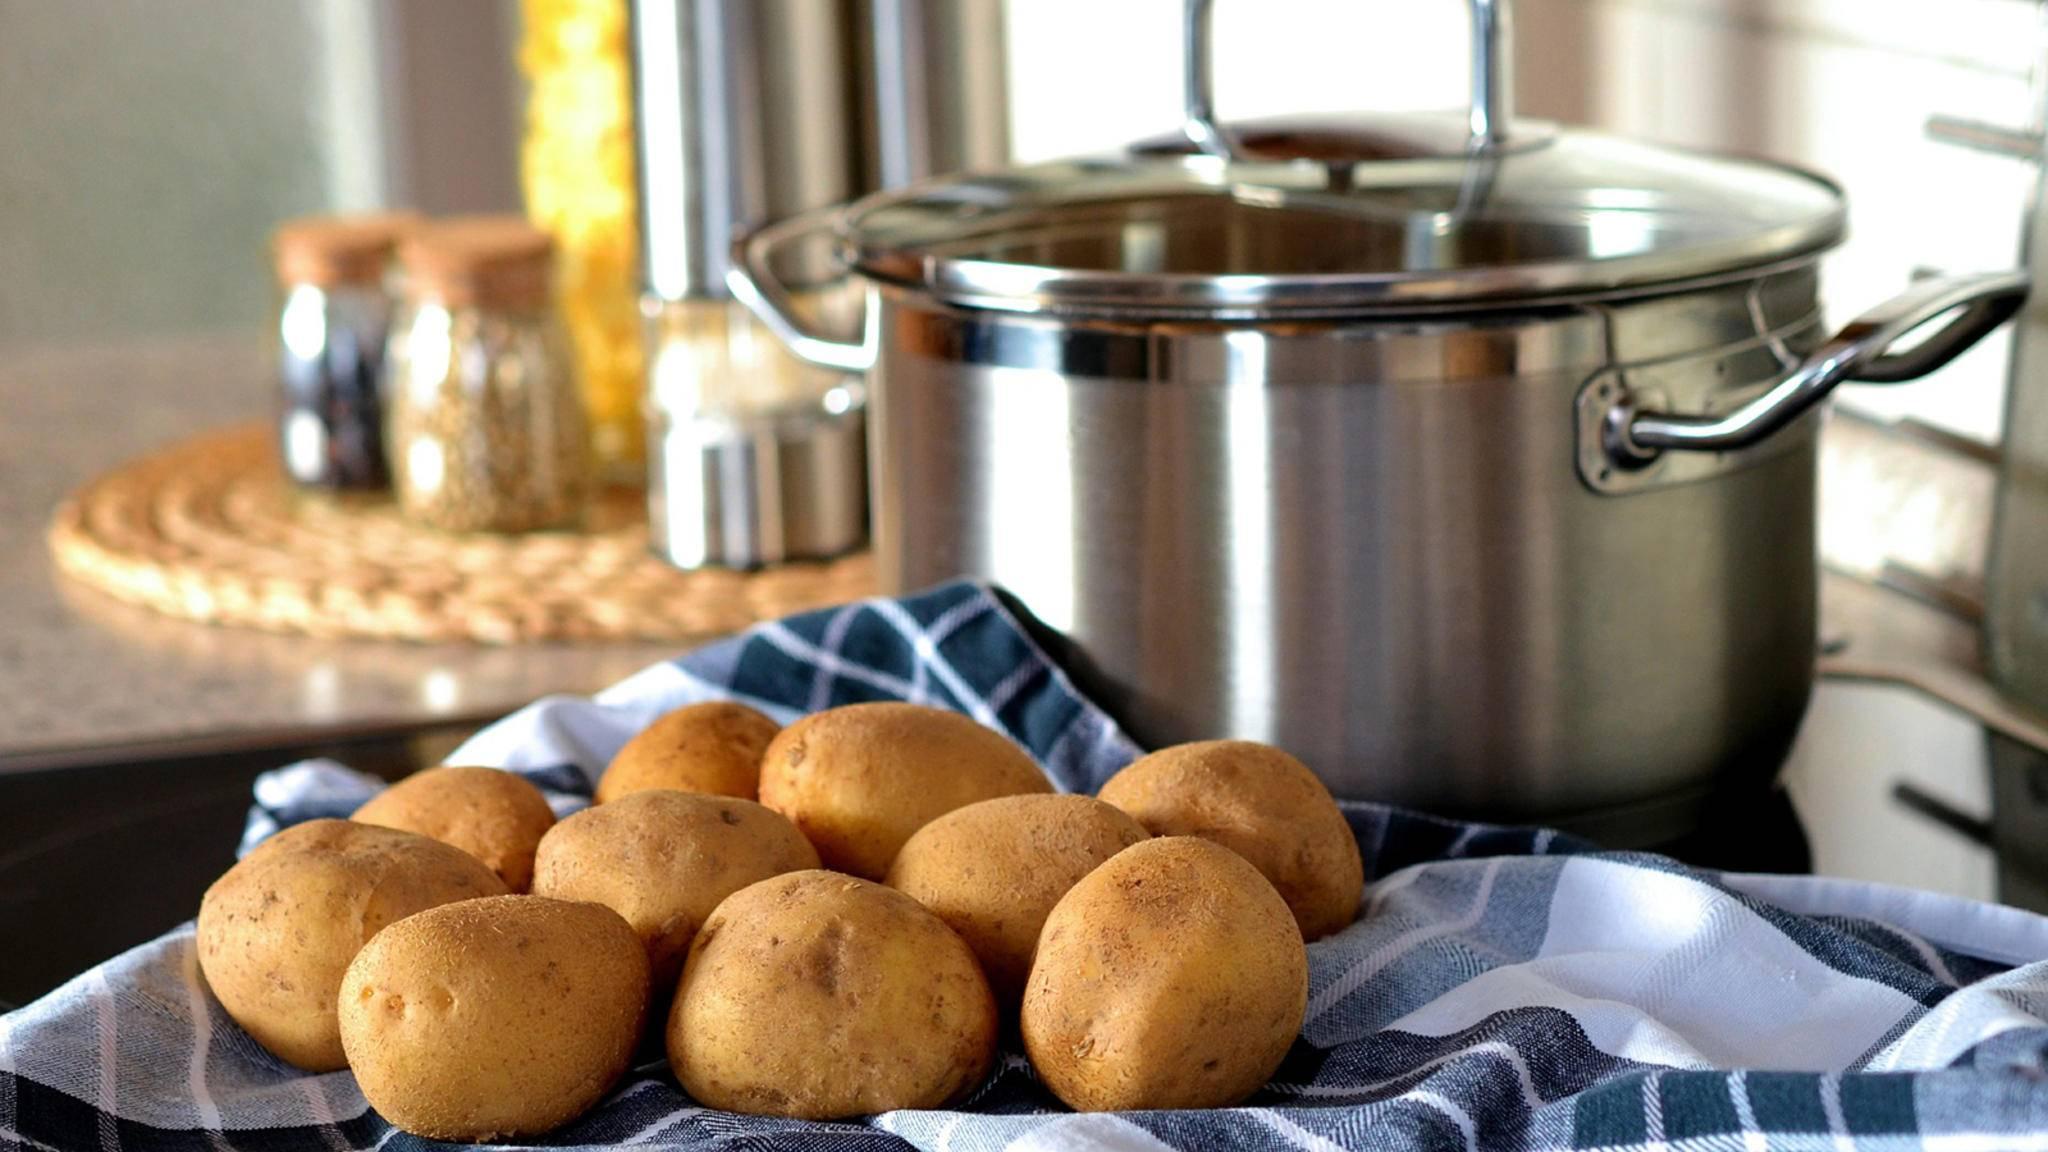 Kartoffeln sind ein Grundnahrungsmittel. Umso wichtiger ist es, sie richtig zu kochen!